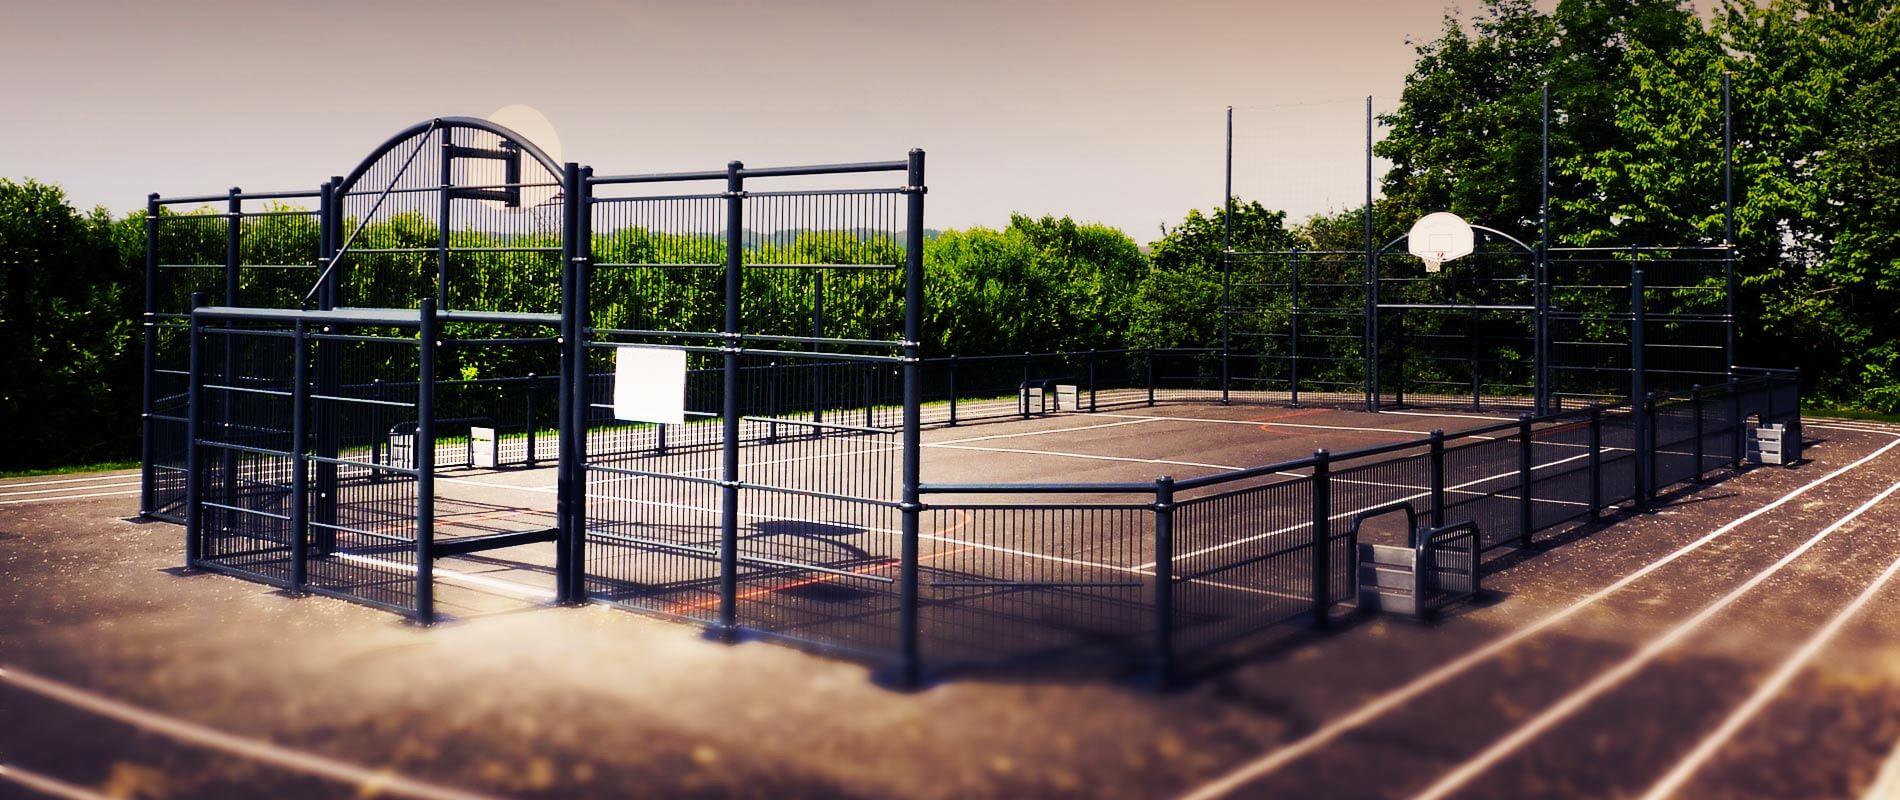 terrains de basket